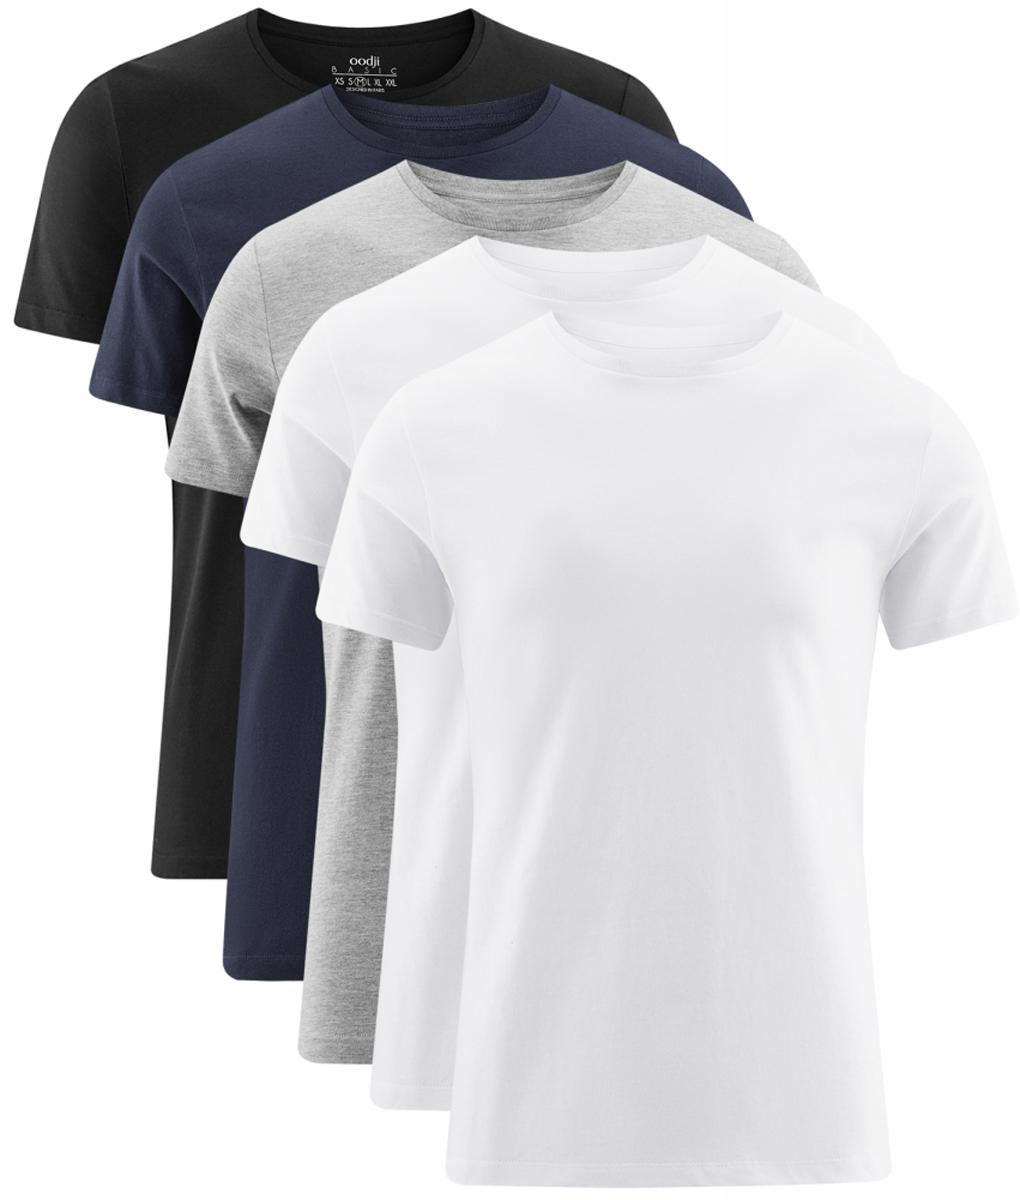 Футболка мужская oodji Basic, цвет: черный, темно-синий, серый, белый, 5 шт. 5B621002T5/44135N/1901N. Размер L (52/54)5B621002T5/44135N/1901NКомплект из пяти базовых футболок. Практичный набор с пятью одинаковыми футболками. Одного набора хватает на всю рабочую неделю. Вы можете каждый день надевать новую чистую футболку и не ждать, когда грязные вещи будут постираны. Футболки в комплекте прямого кроя, с небольшим полукруглым вырезом. Такой крой прекрасно смотрится на любой фигуре. Базовую футболку можно использовать в повседневных и спортивных луках. В ней удобно заниматься спортом в зале и на открытом воздухе. Футболку можно надевать в качестве домашней одежды. Она уместна в луках в стиле casual – с расстегнутой рубашкой и джинсами. Из обуви предпочтение рекомендуется отдавать спортивным моделям: кроссовки или кеды завершат образ.